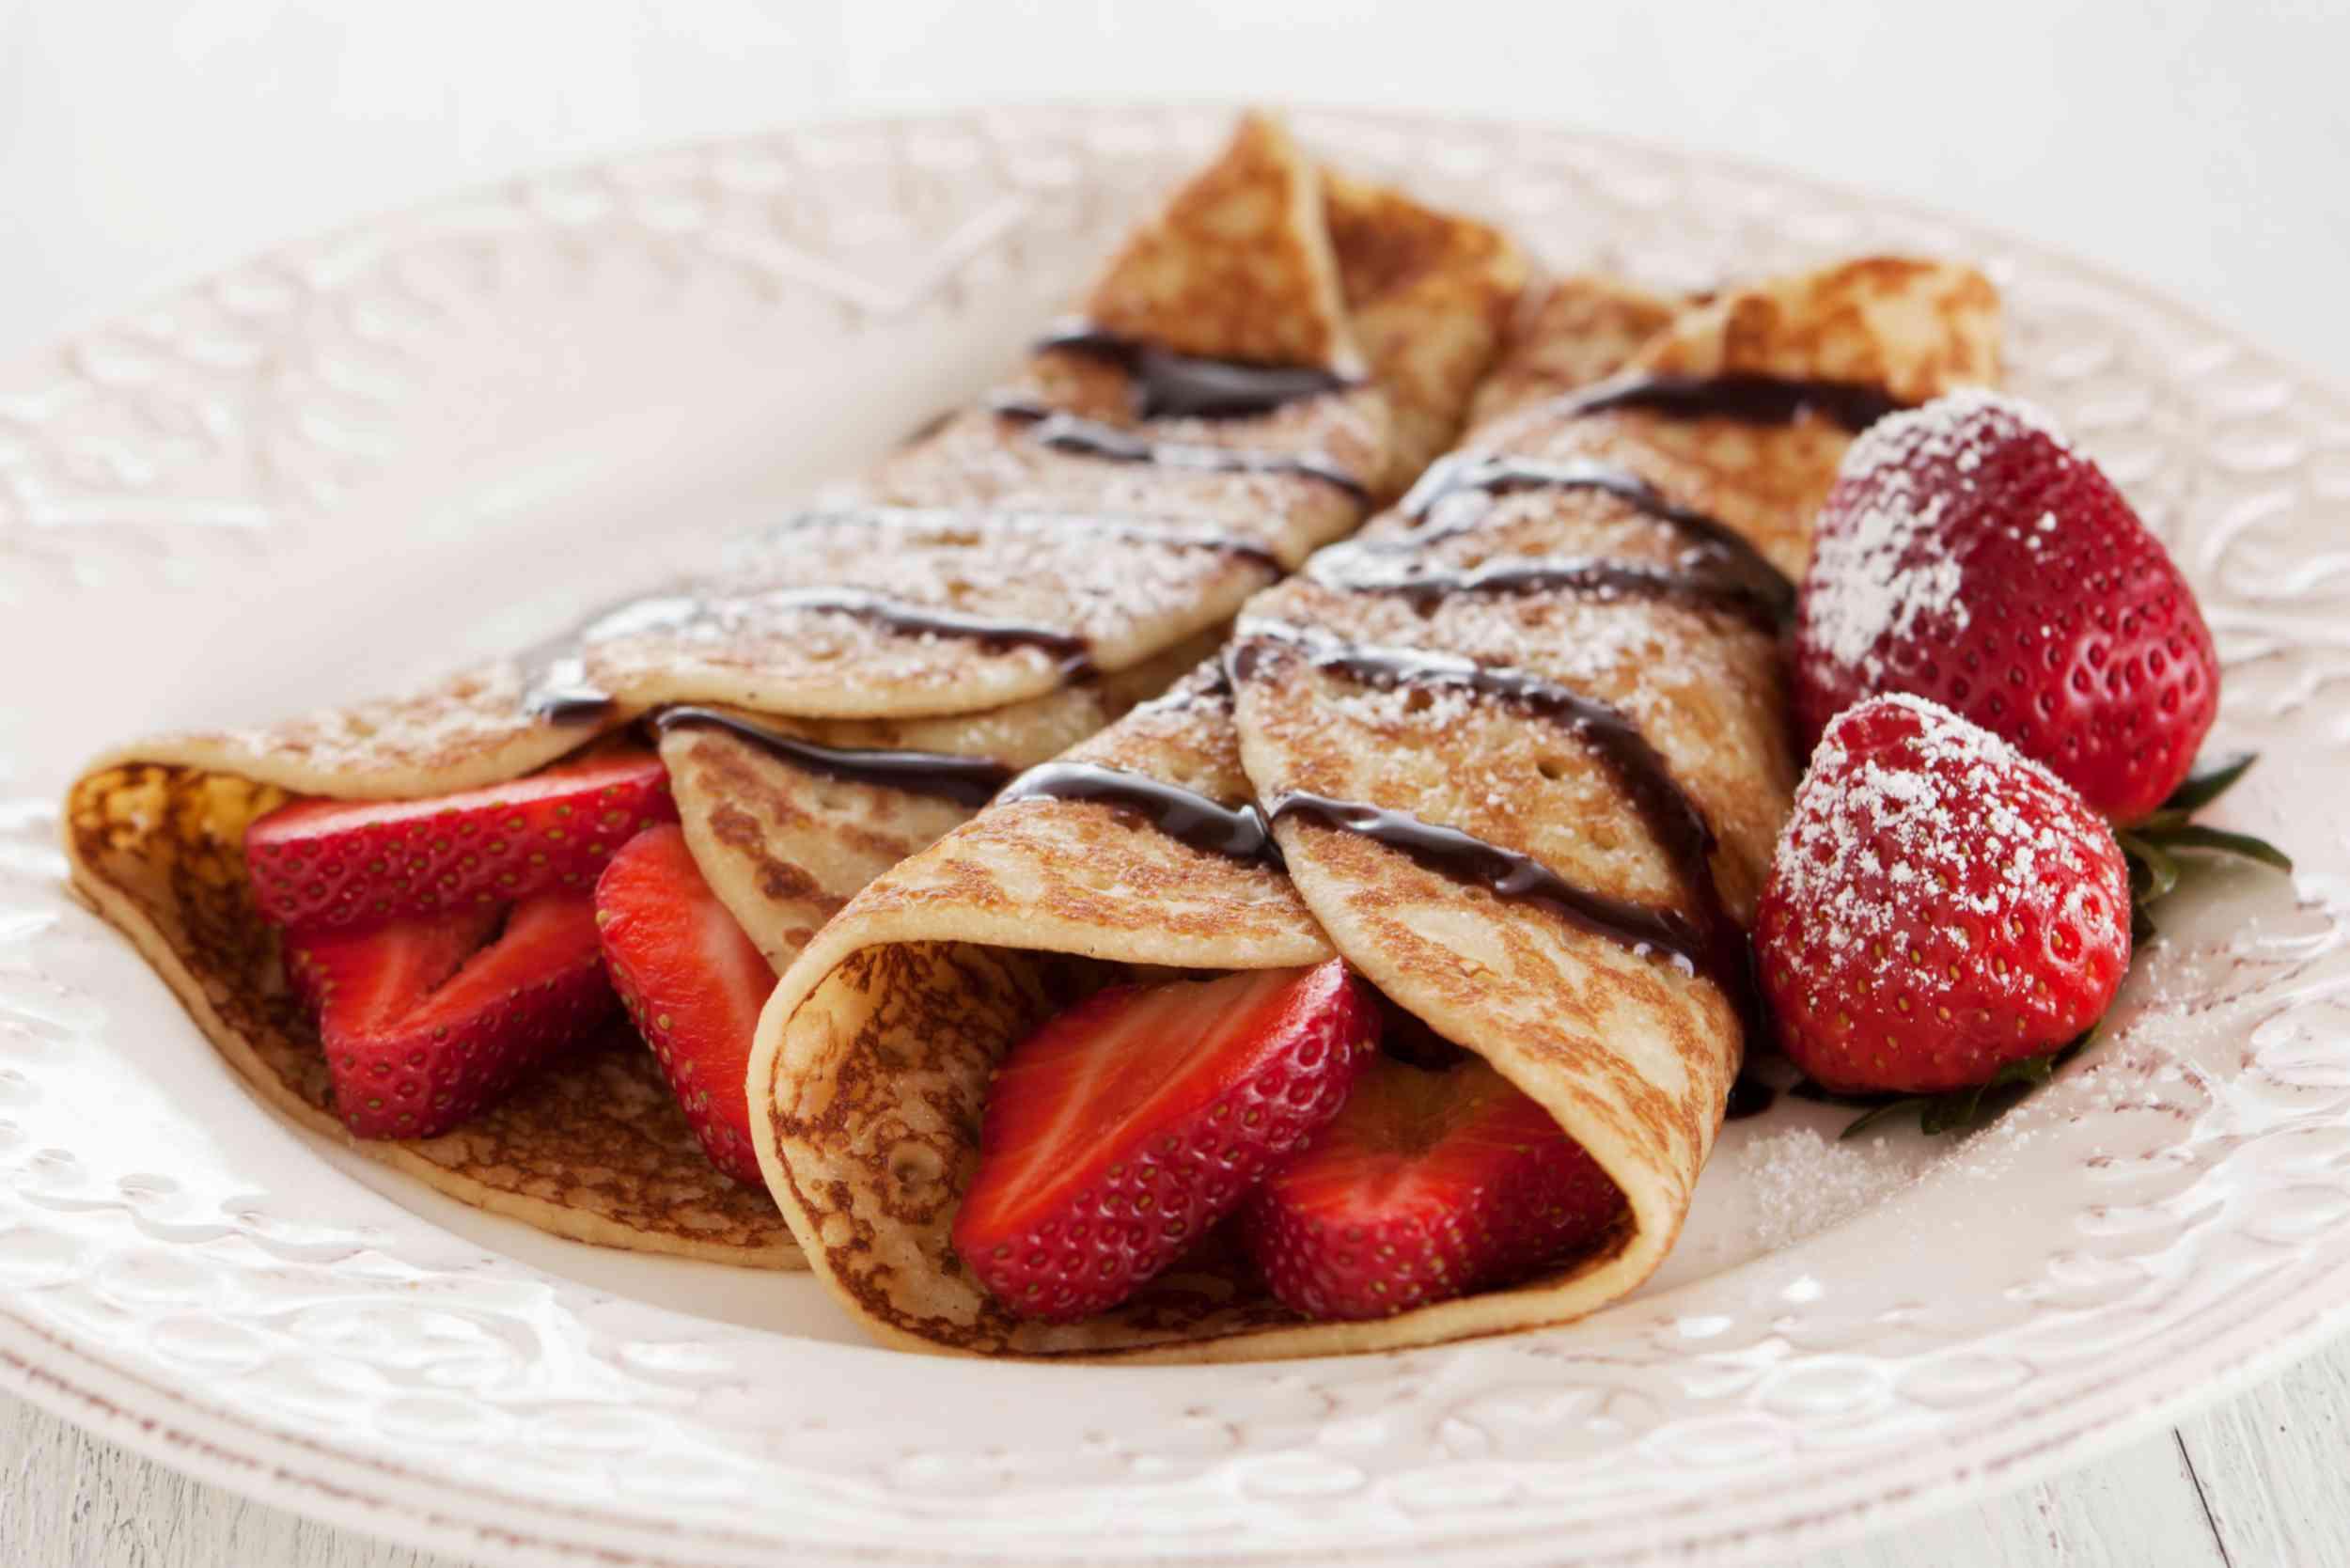 các loại bánh các loại bánh Các loại bánh Âu và cách phân biệt, bạn đã biết chưa? cac loai banh au 04